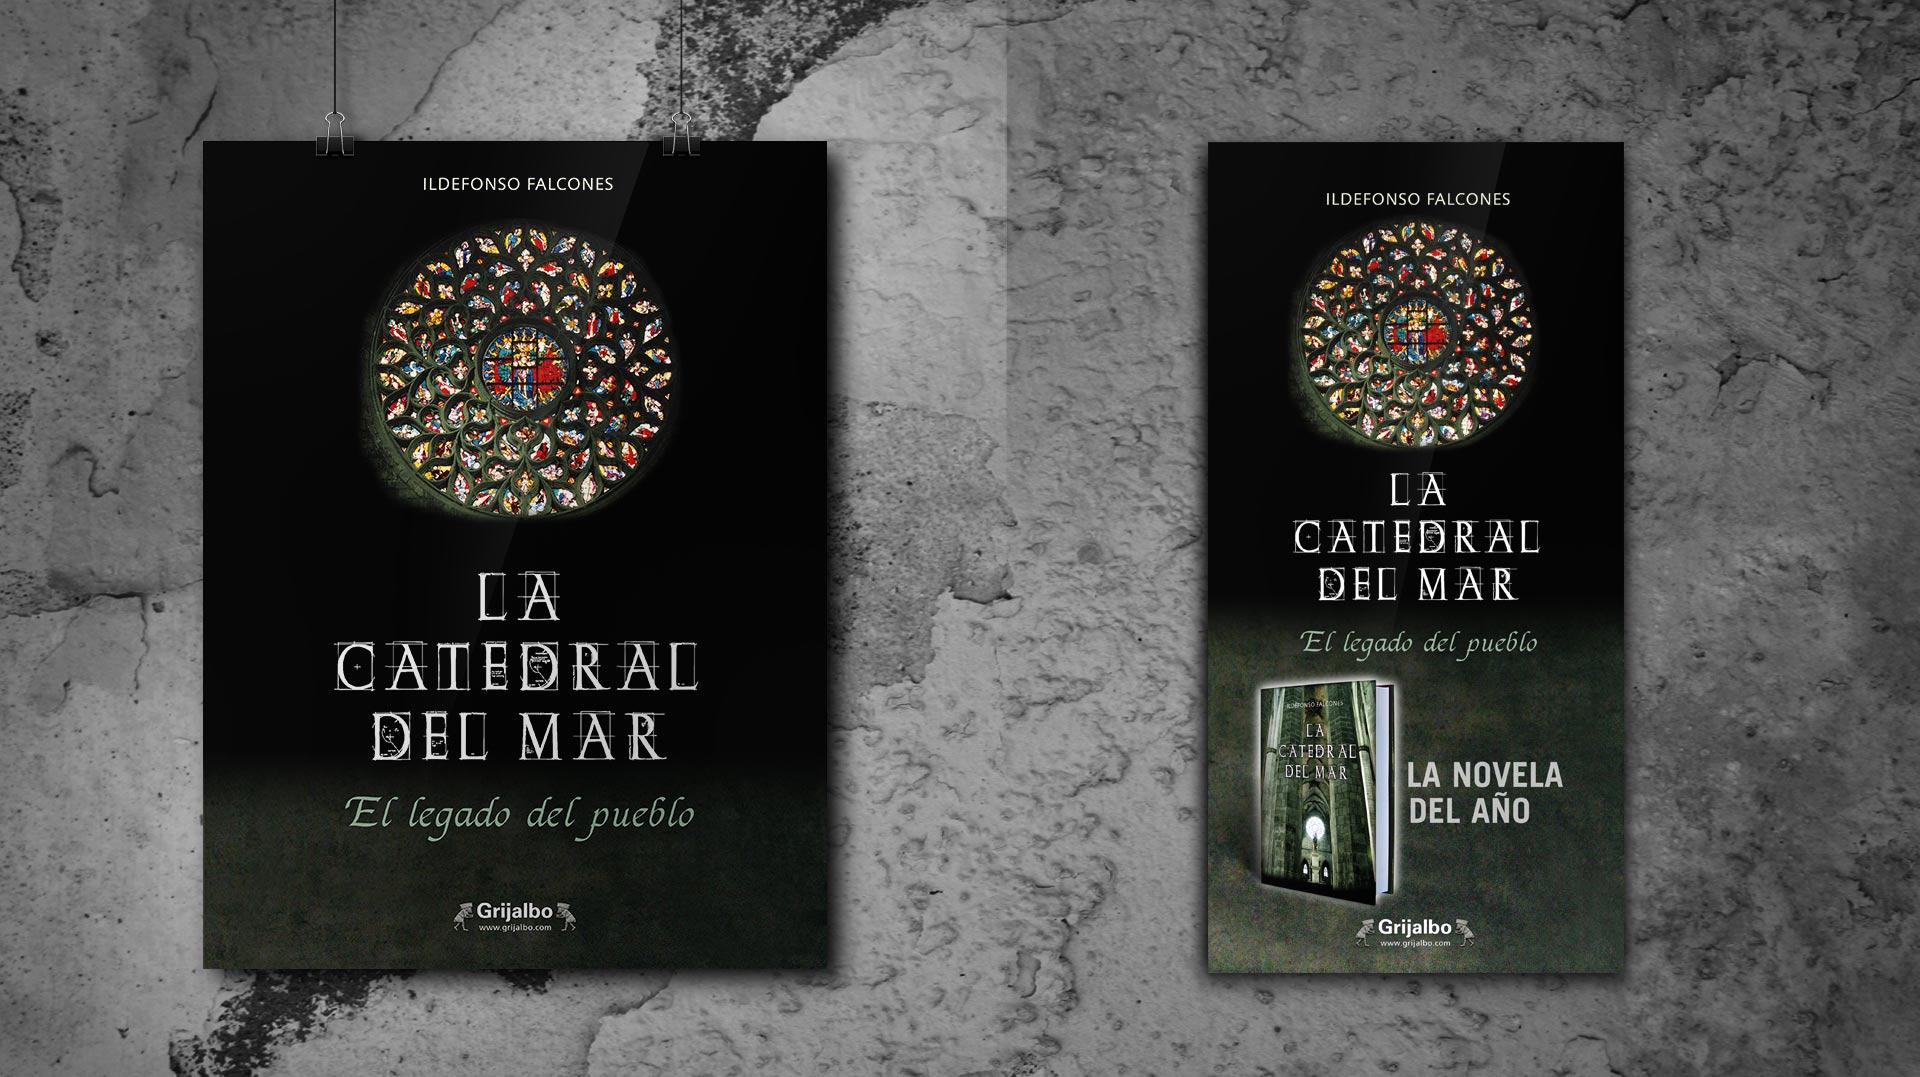 caterdraldelmar_poster